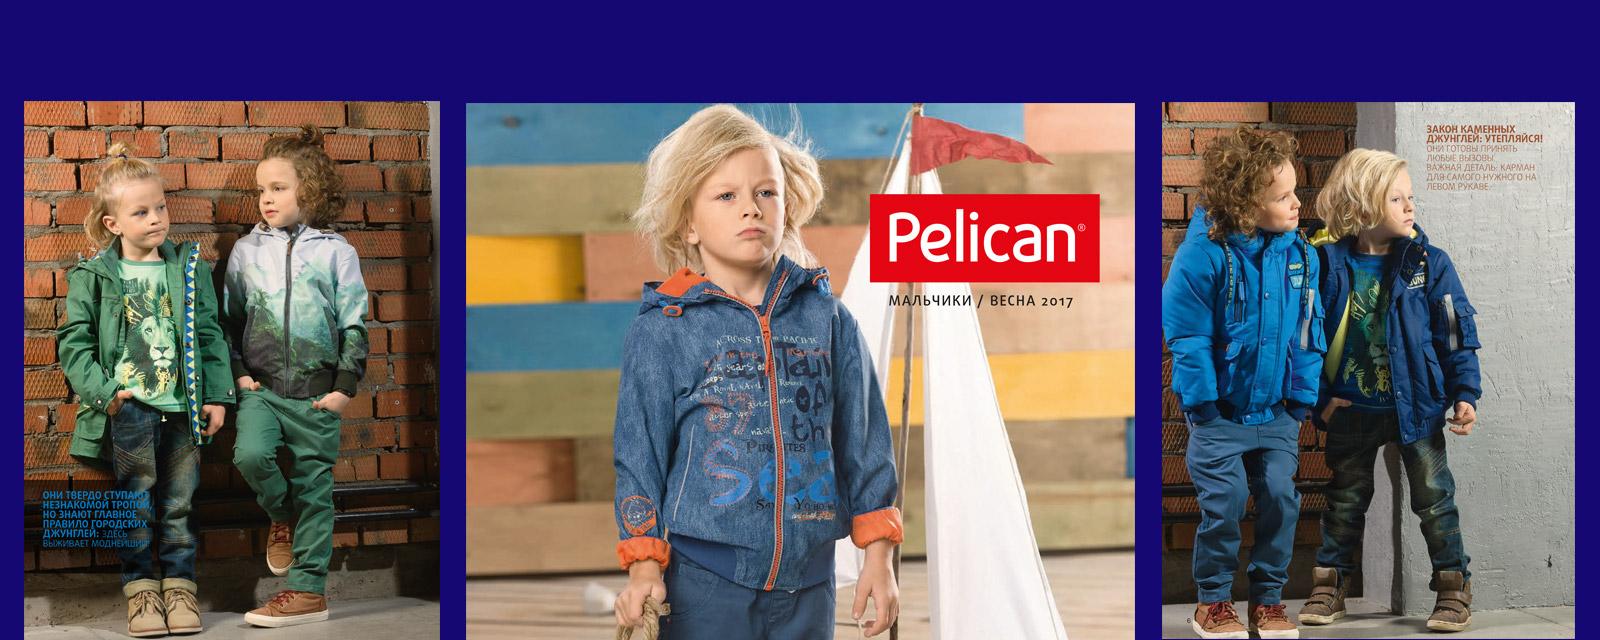 Слайдер Пеликан весна 2017 мальчики